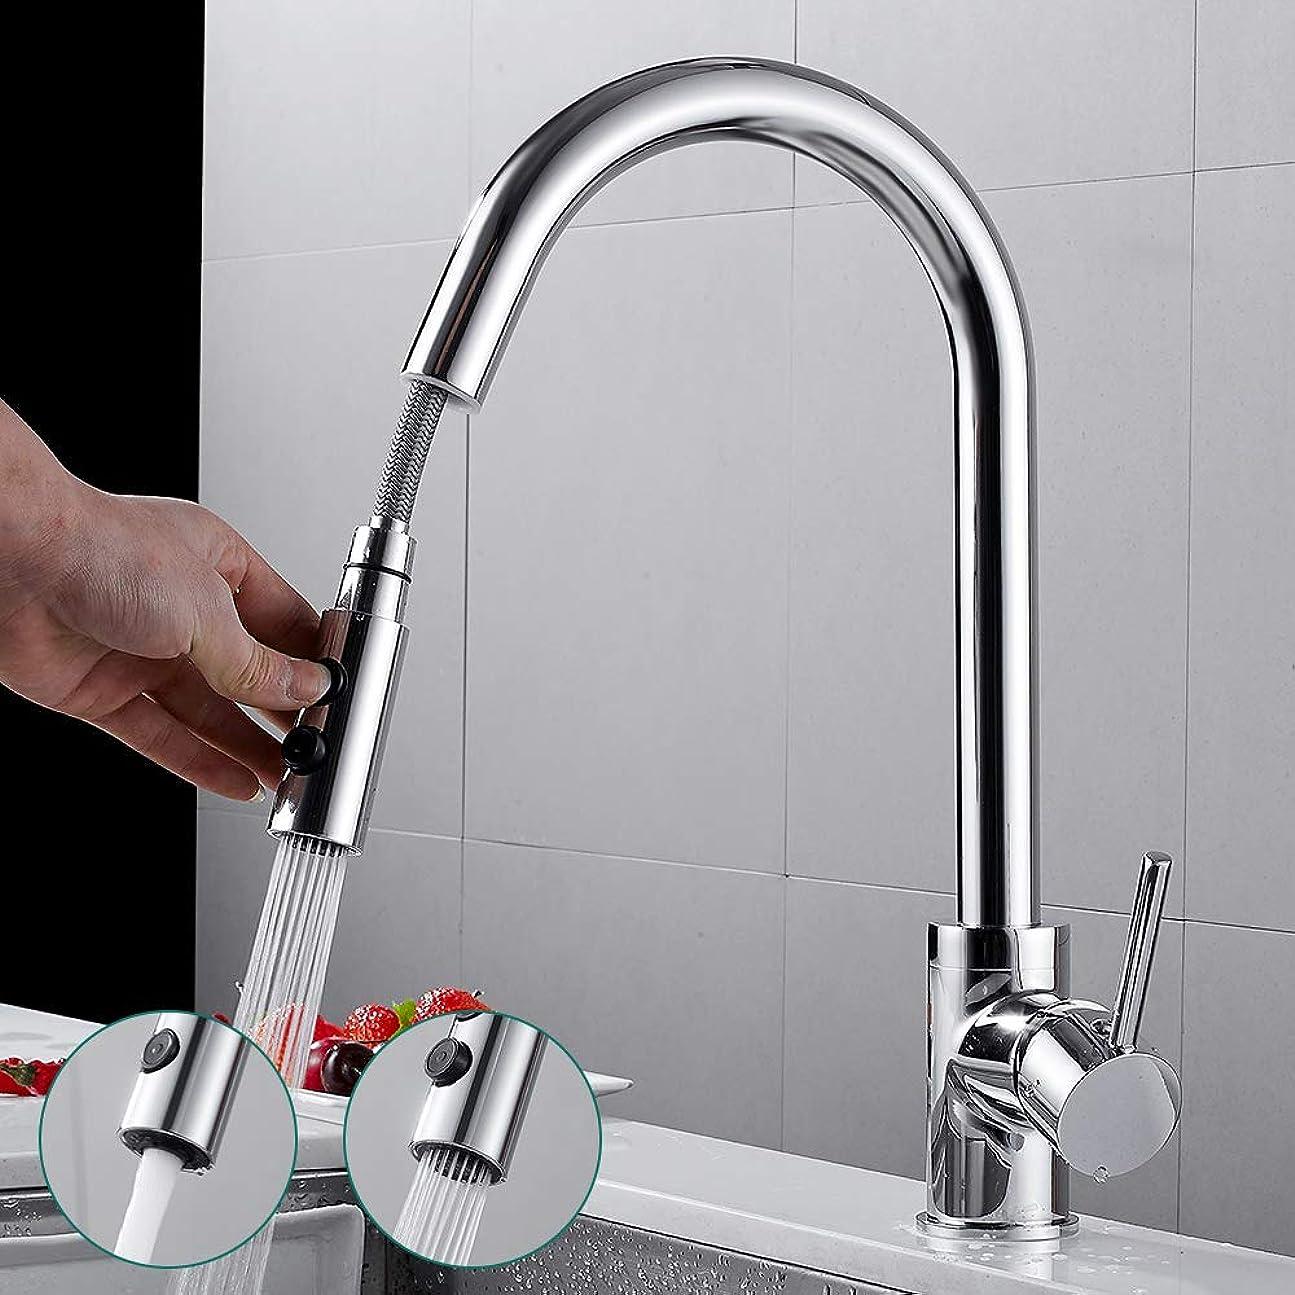 熱帯の少ないガイドwillstar キッチン 水栓 シングルレバー 混合栓 シャワー 水流切替 ホース引き出し 首回り 洗面 WSKK-0013